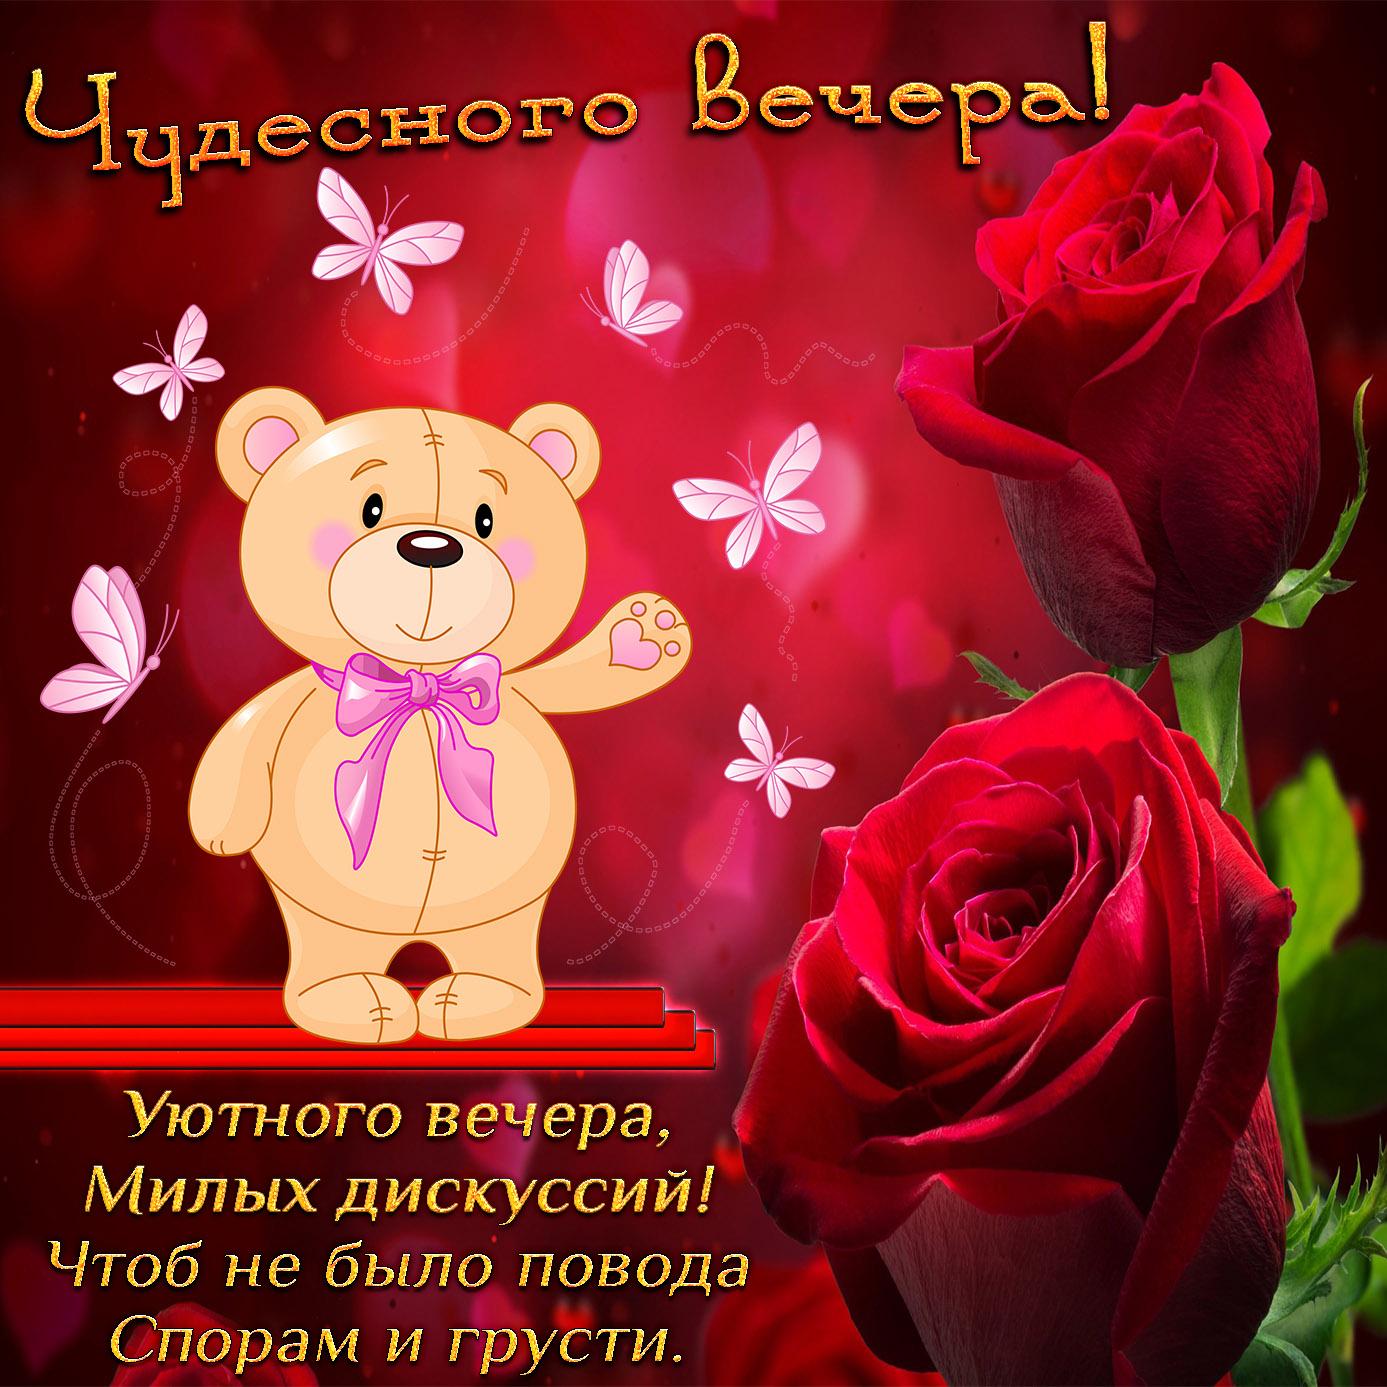 Картинка с мишкой среди бабочек и роз